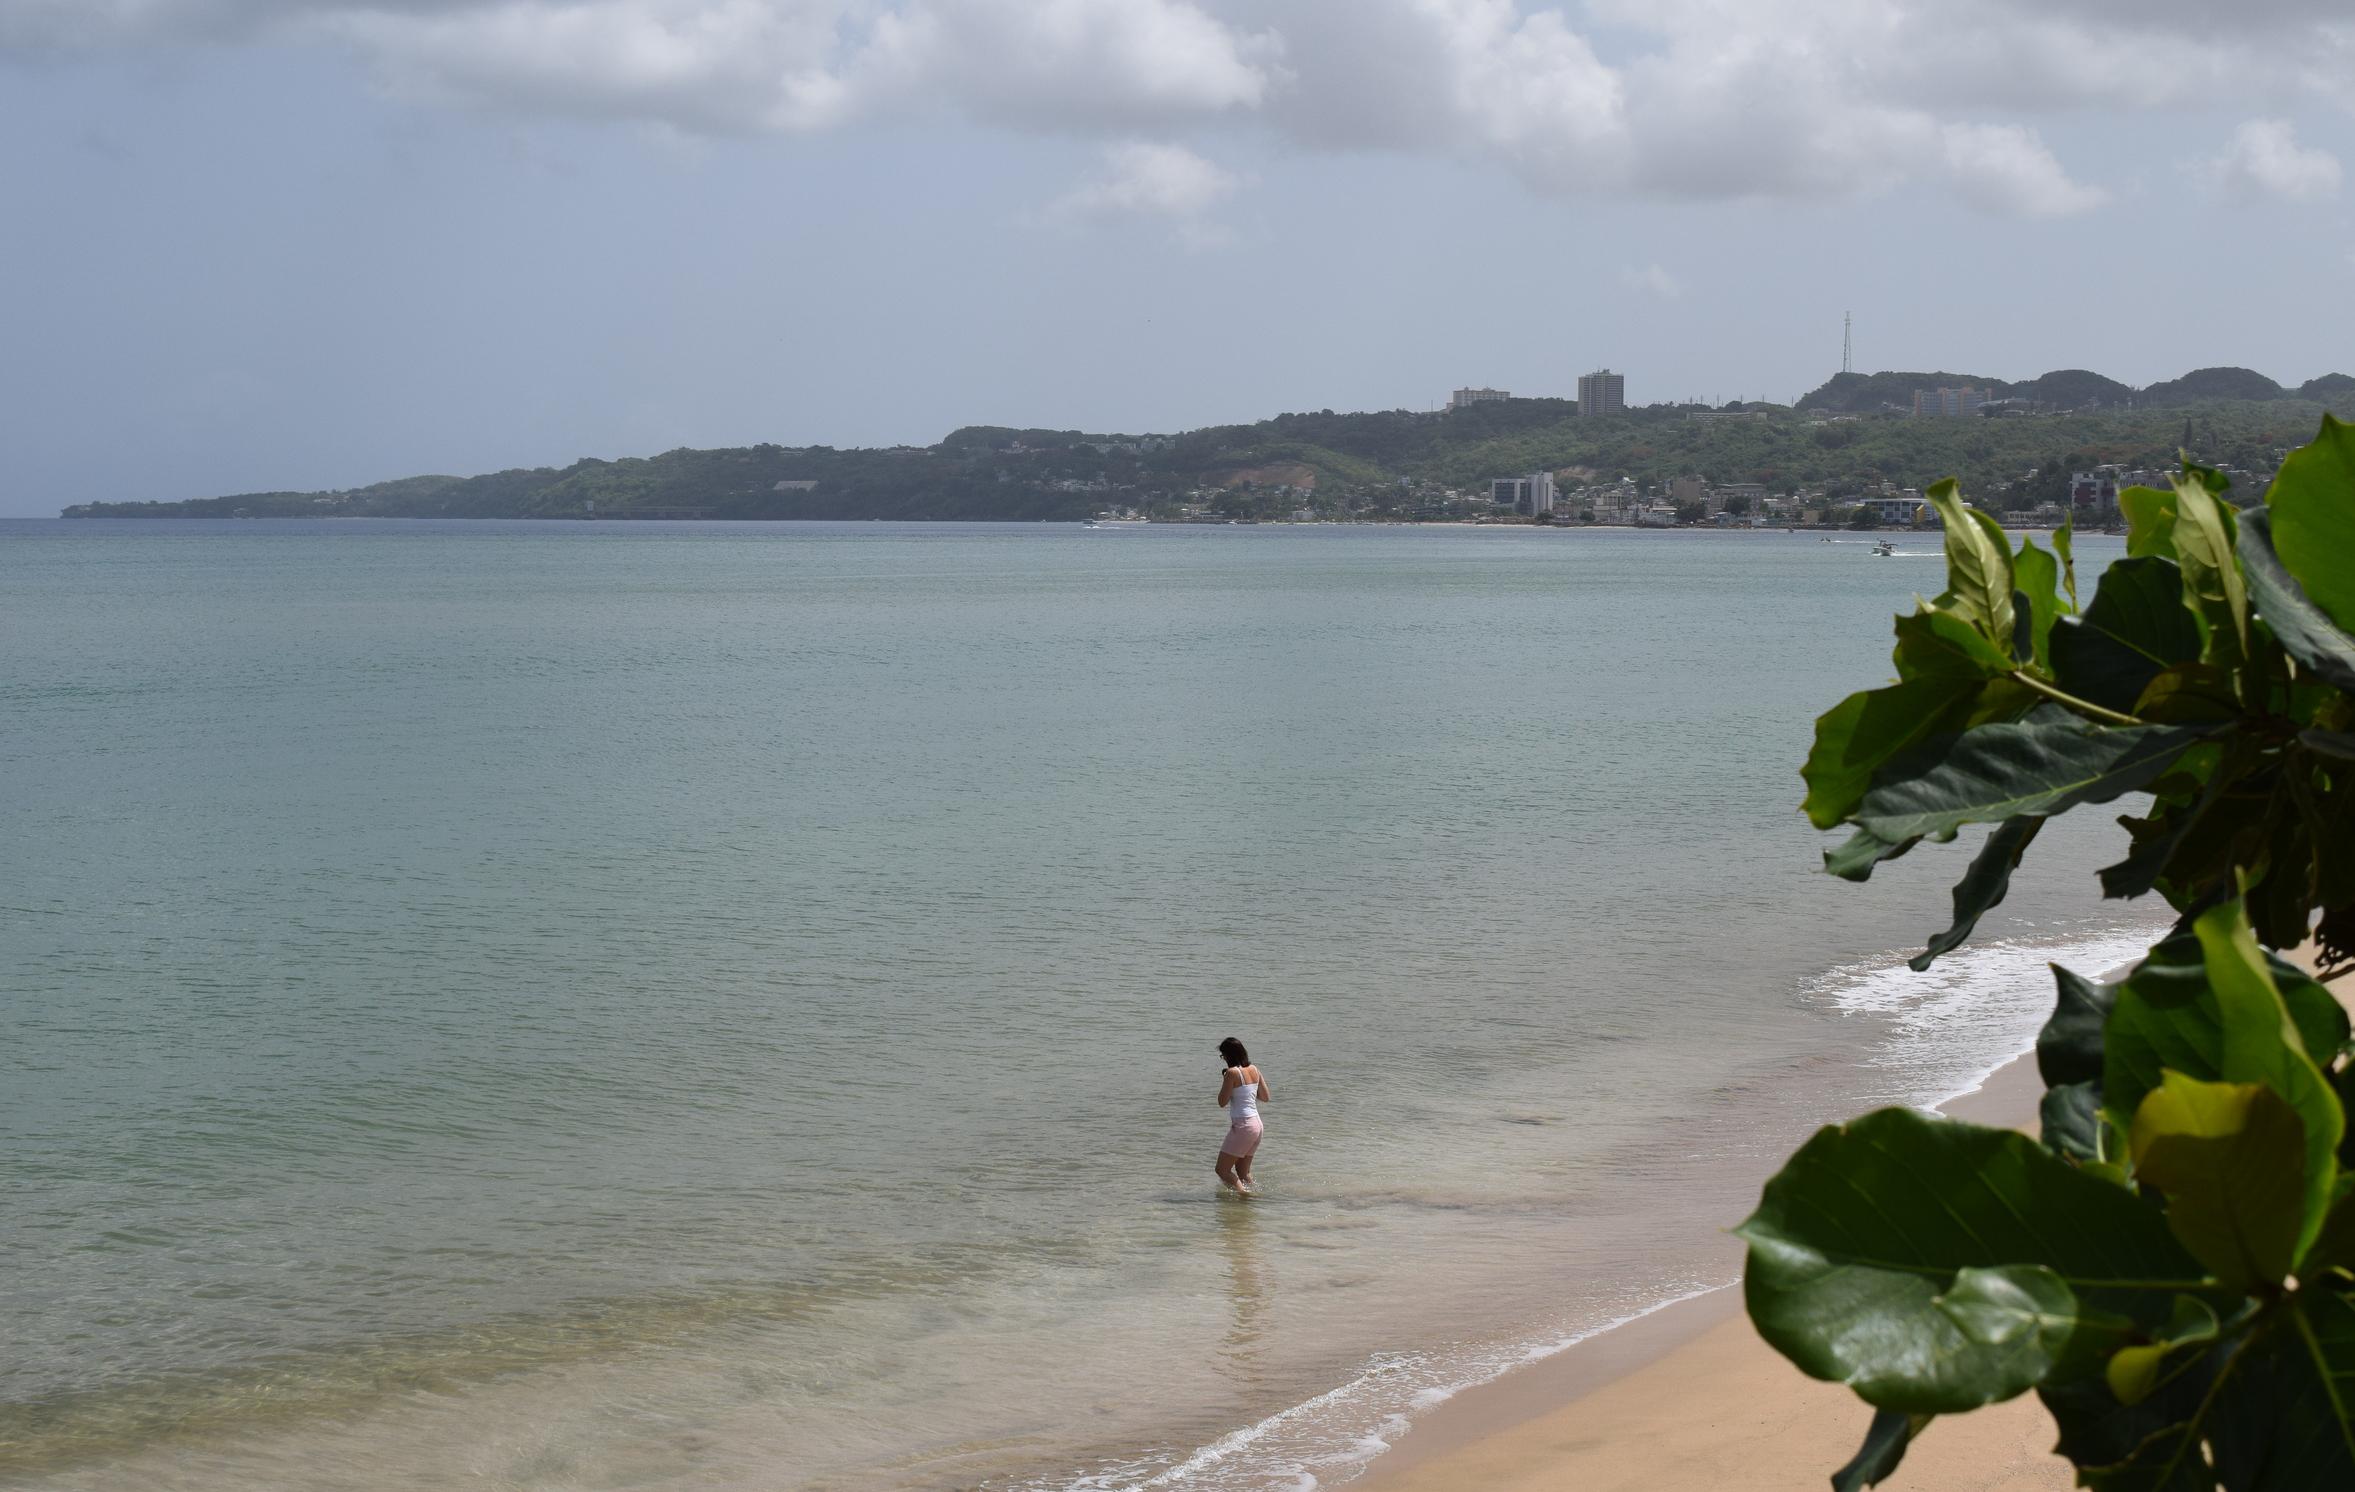 La primera playa... frente al Parque Colón. Llegamos por la carretera 4440 hasta el estacionamiento del parque. Un paseo tablado bordea la costa de esta playa sumamente tranquila y convenientemente solitaria. Foto: Alejandro Rodríguez Rojas